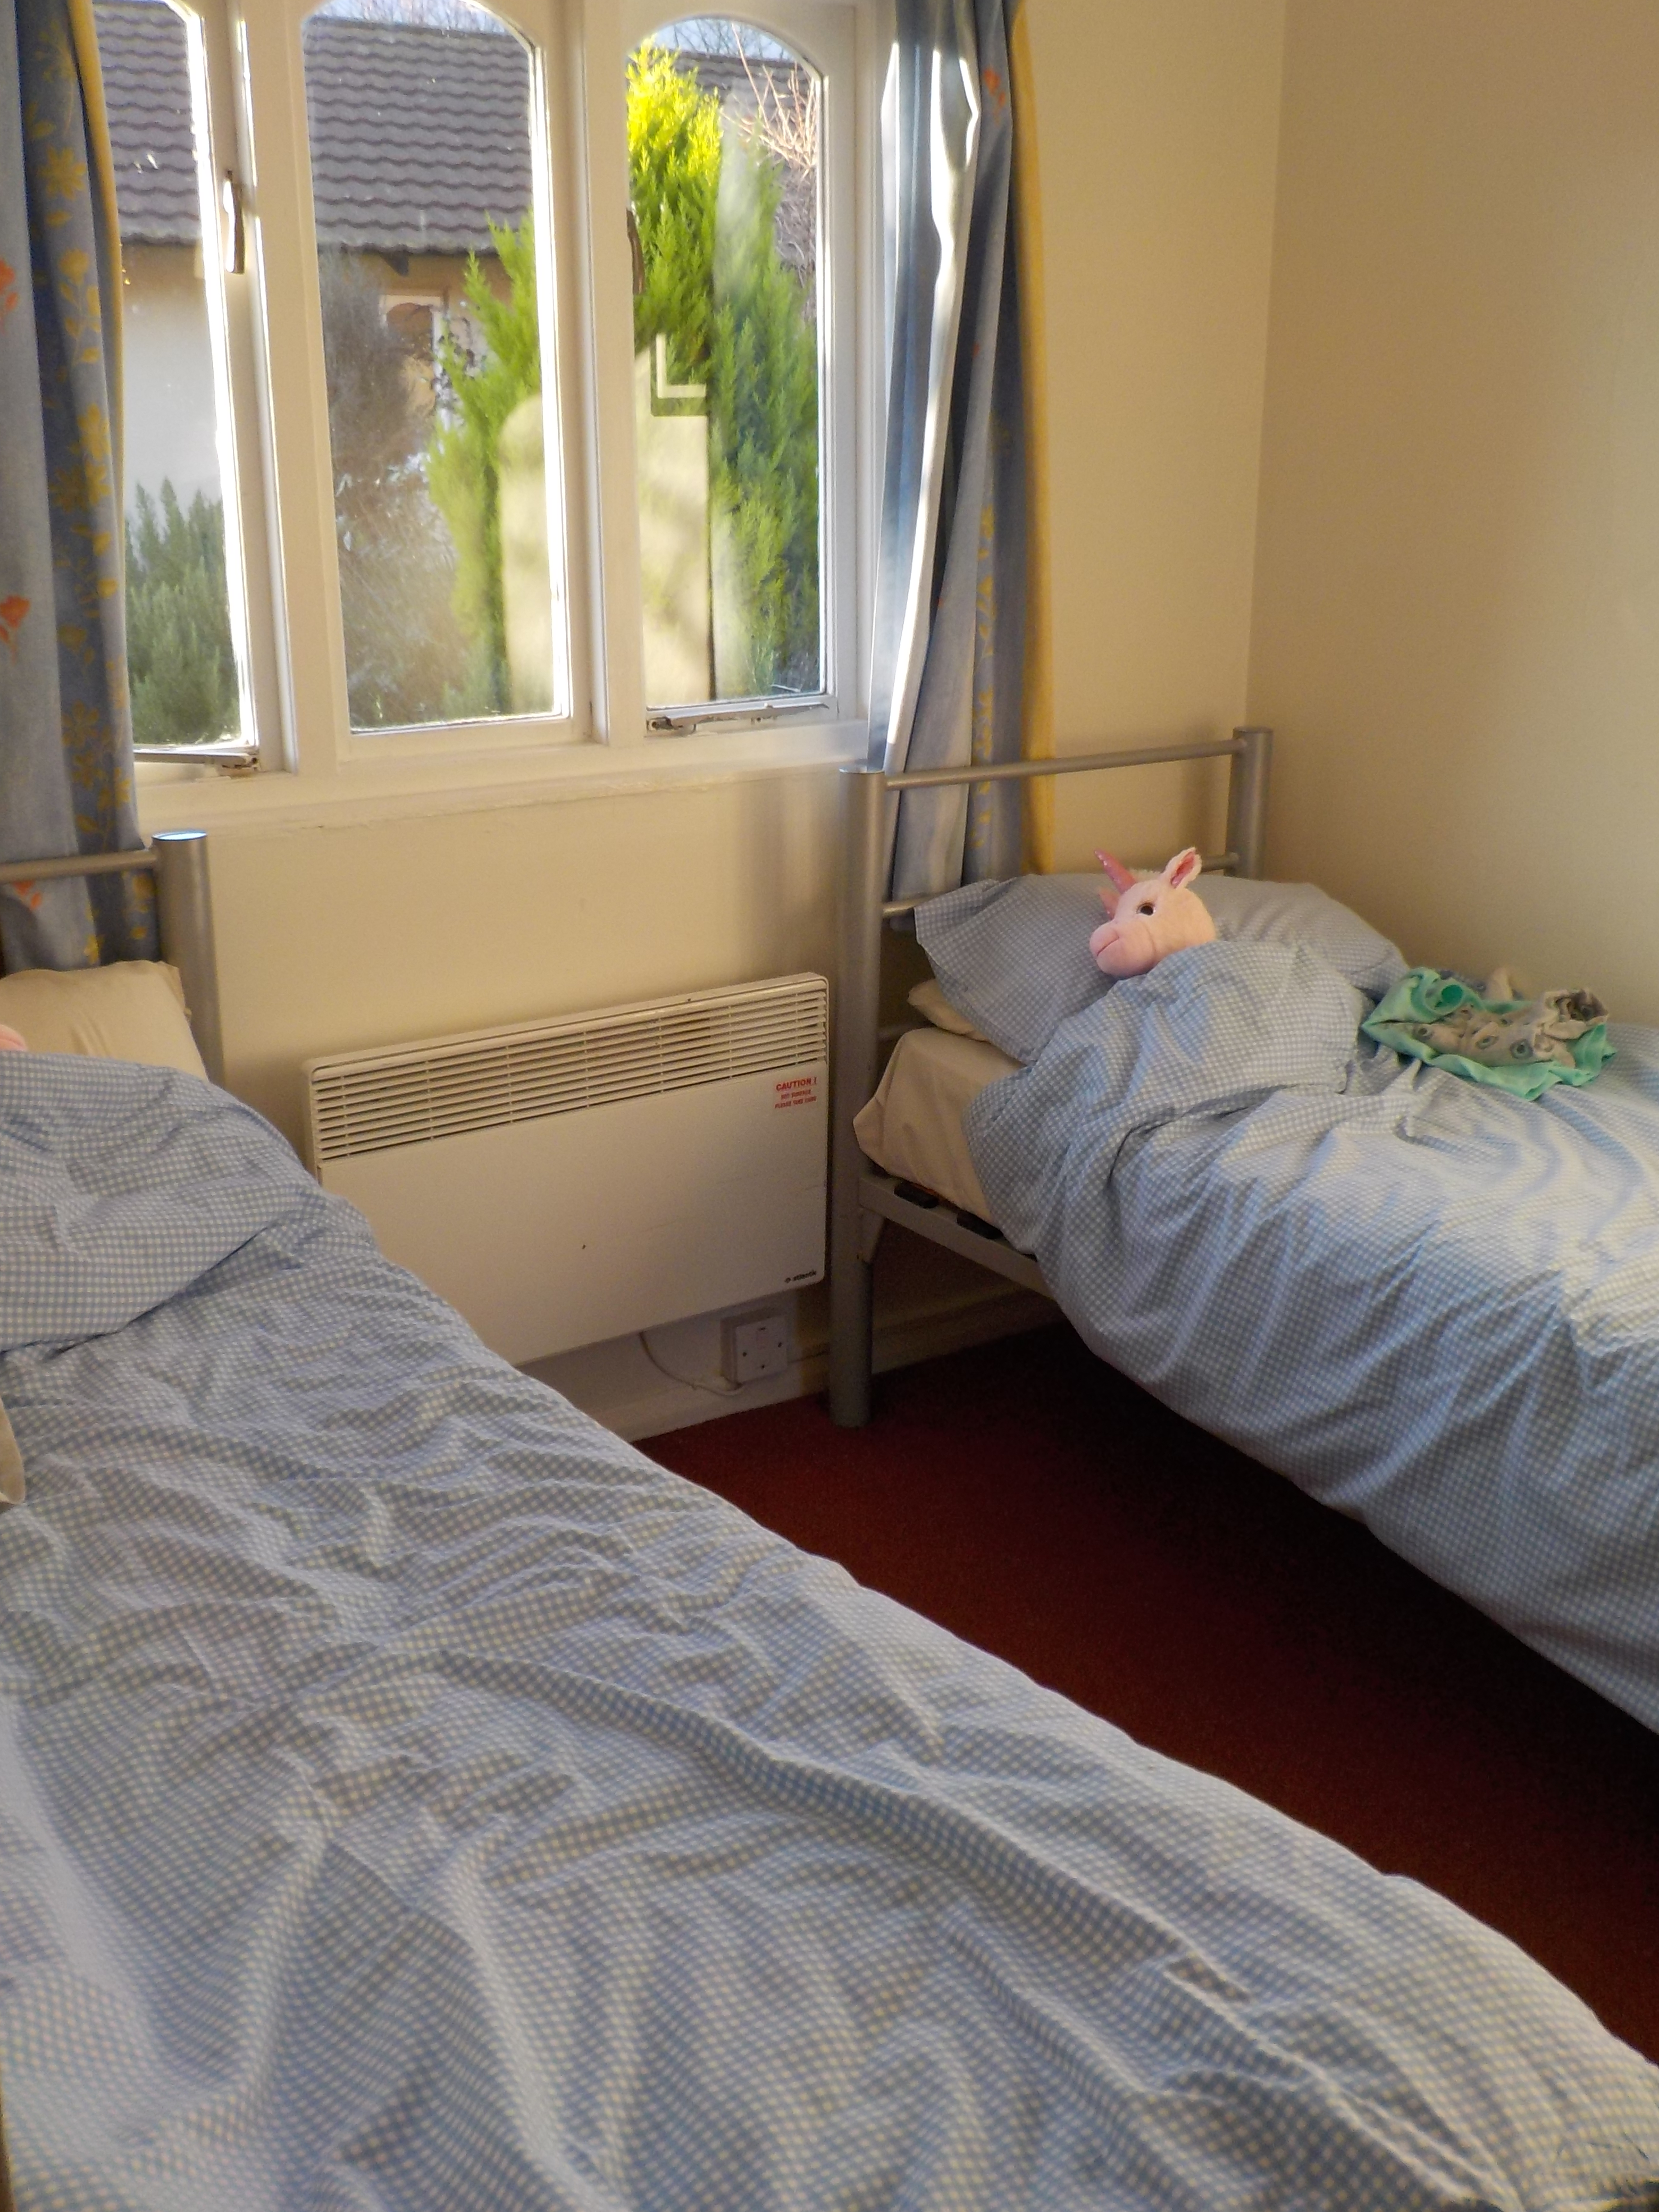 Standard Accommodation At Butlins Skegness Kids Days Out